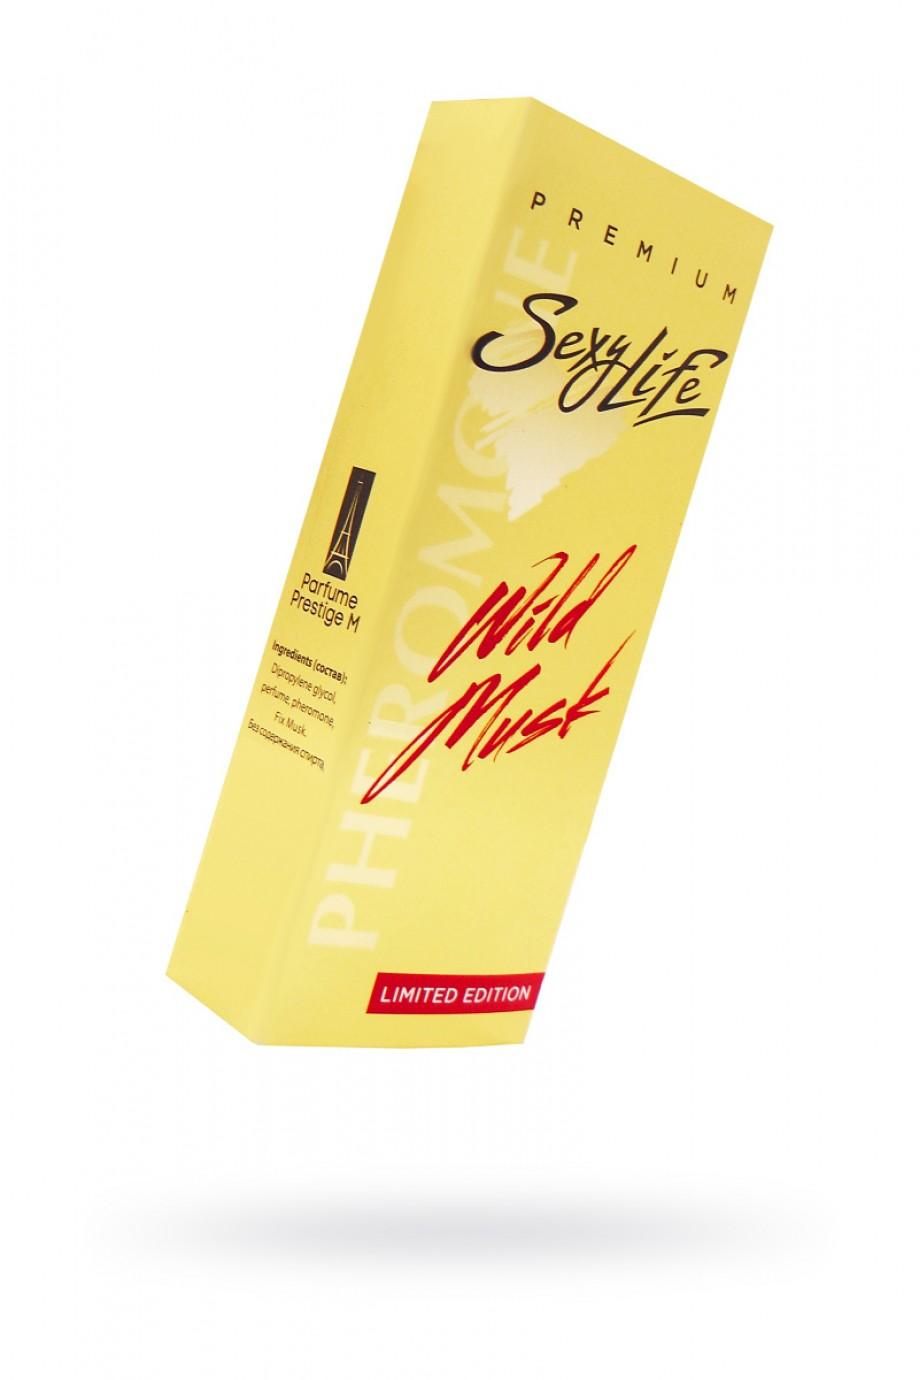 Духи с феромонами Wild Musk №2 философия аромата Eros Versacel, мужские, 10 мл